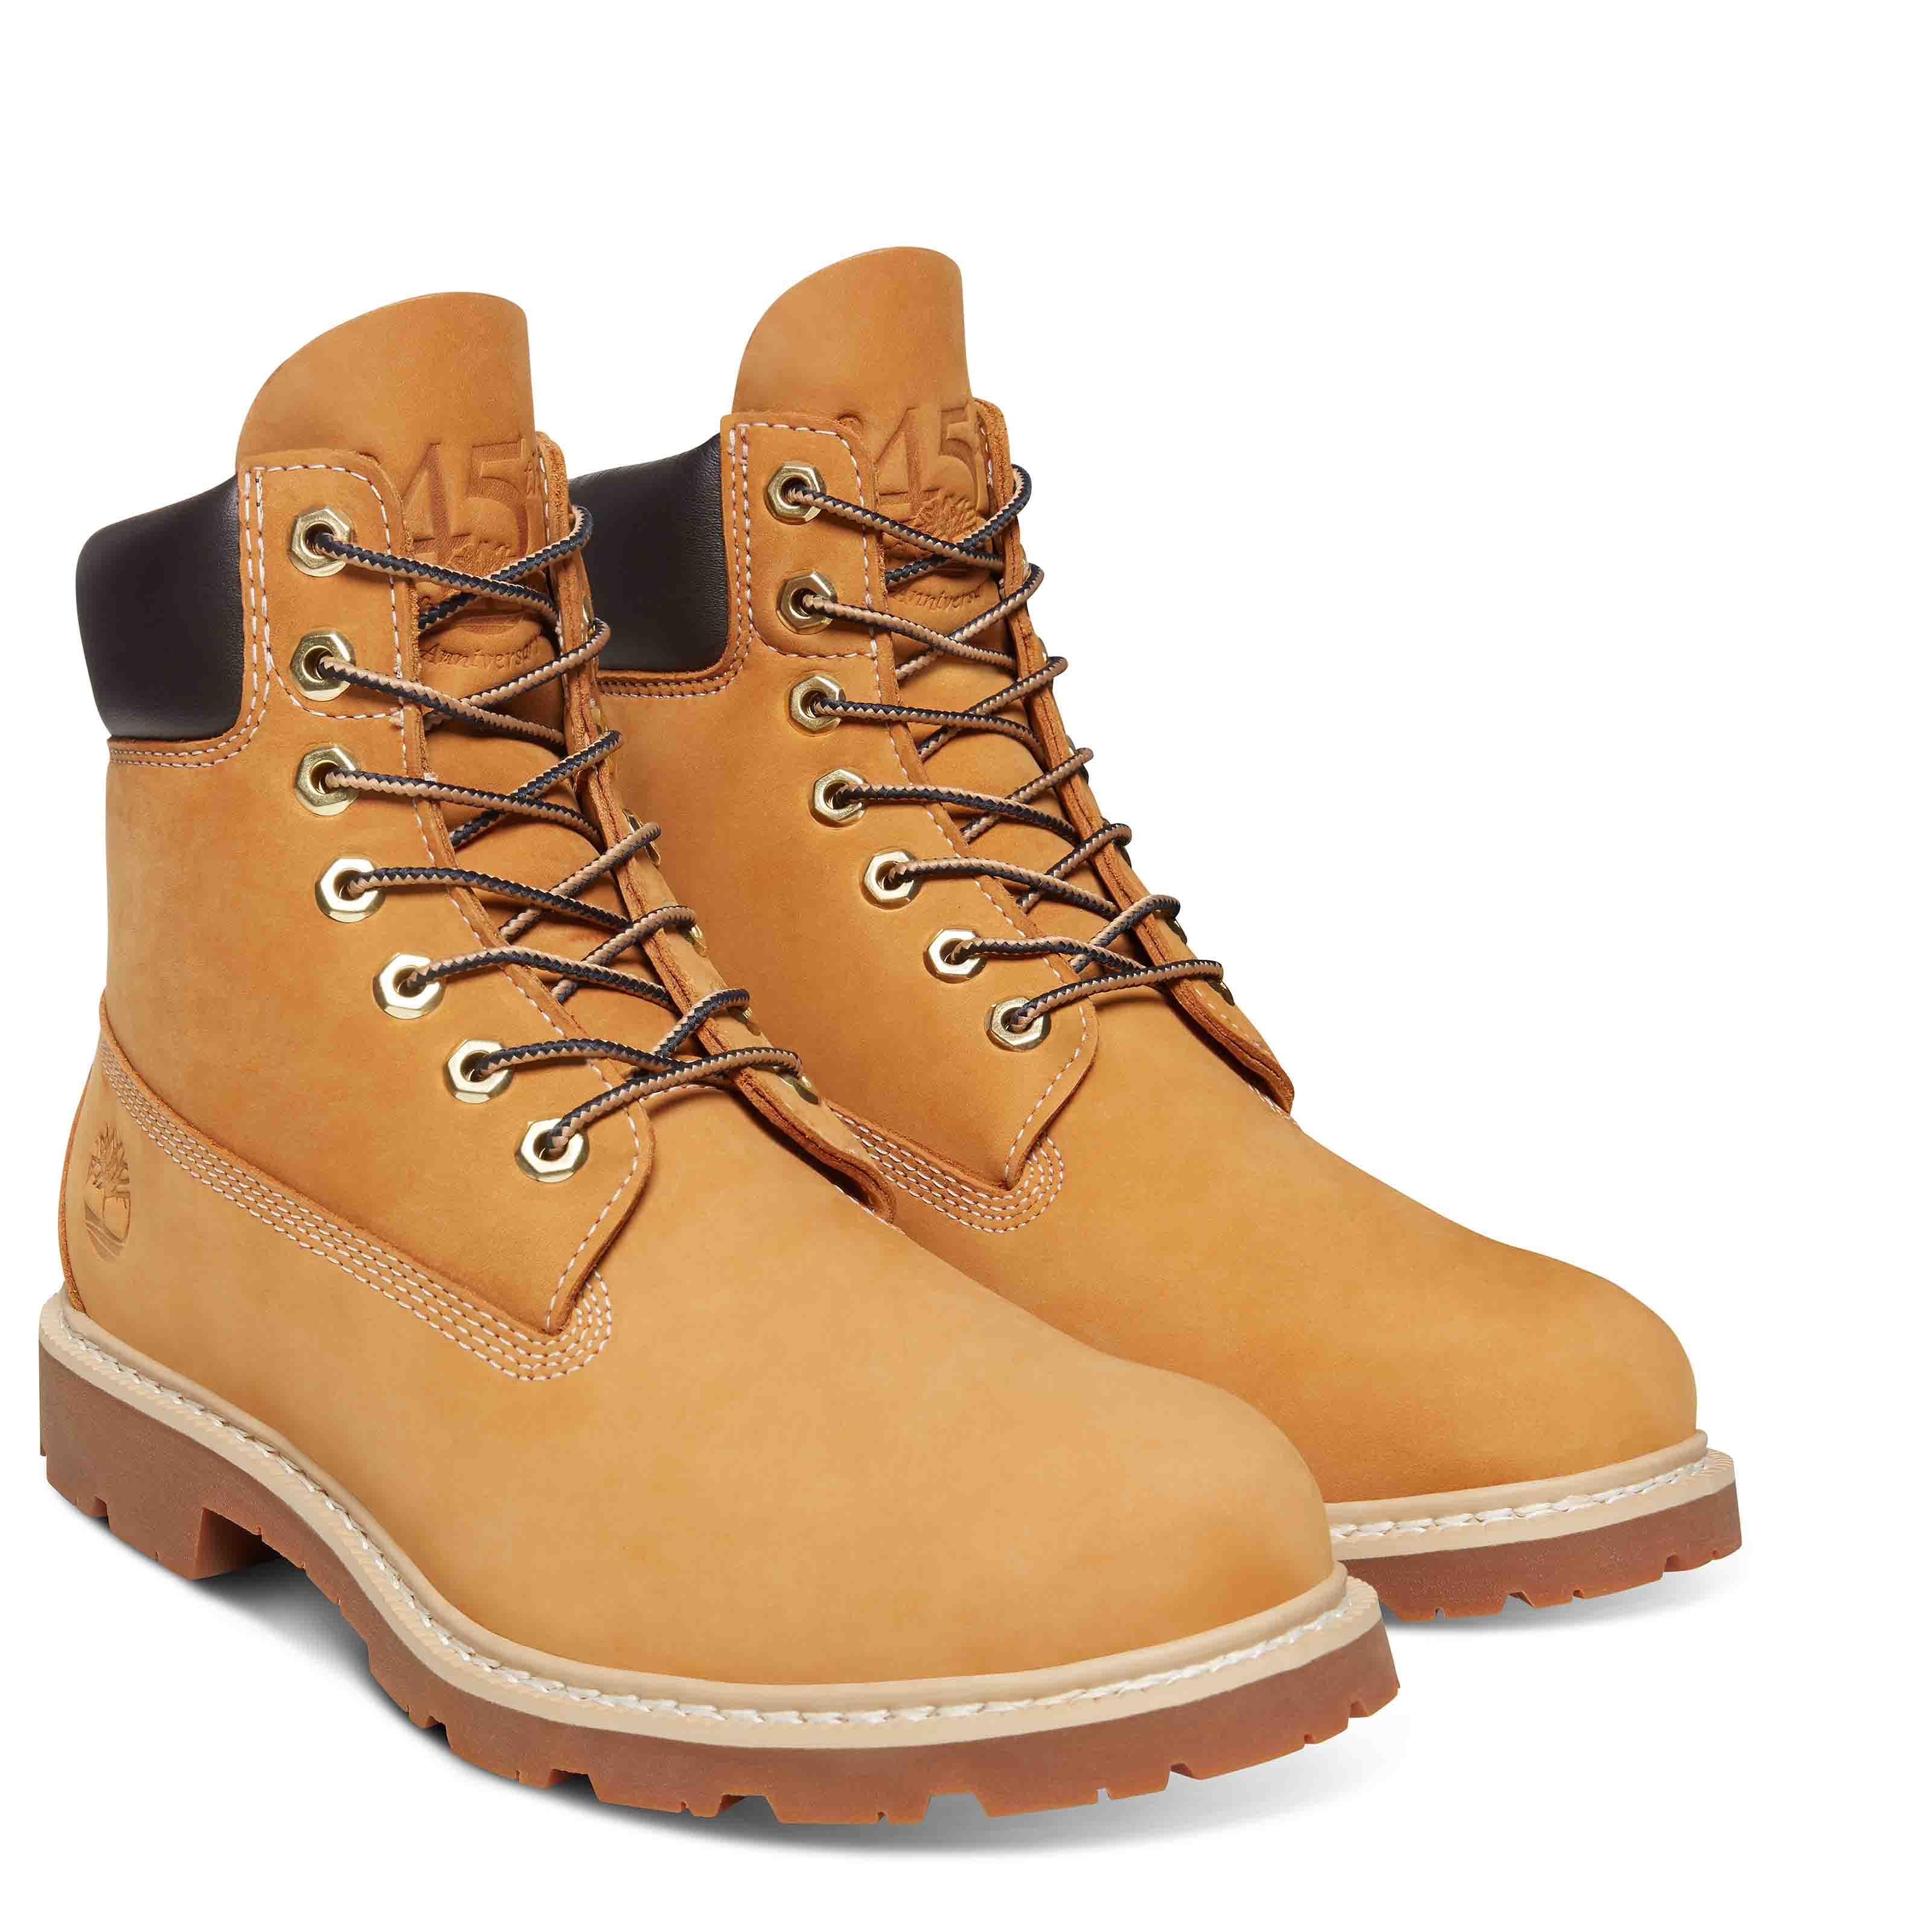 45th Anniversary 6inch Premium Boot